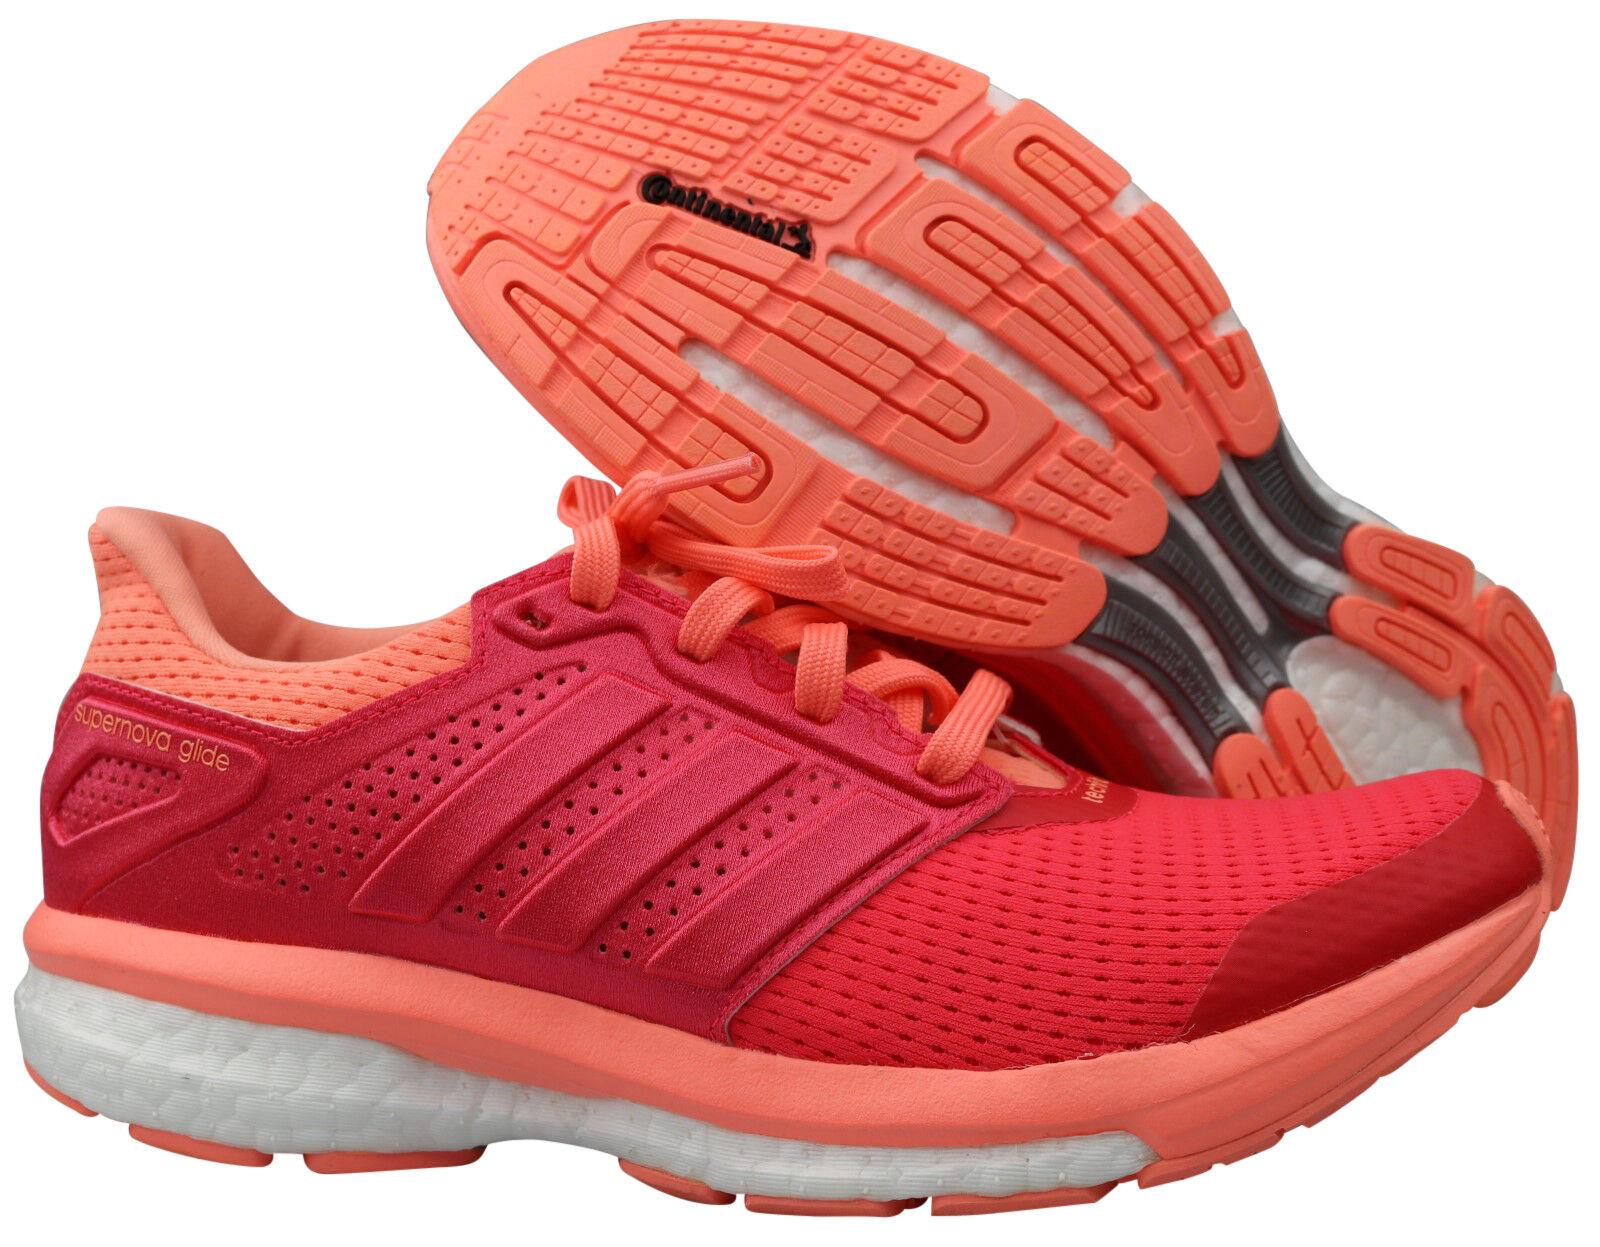 Adidas Supernova Glide 8 Damen Sneaker Sneaker Damen Laufschuhe AF6558 Gr. 36 - 38,5 NEU & OVP e7e5fd